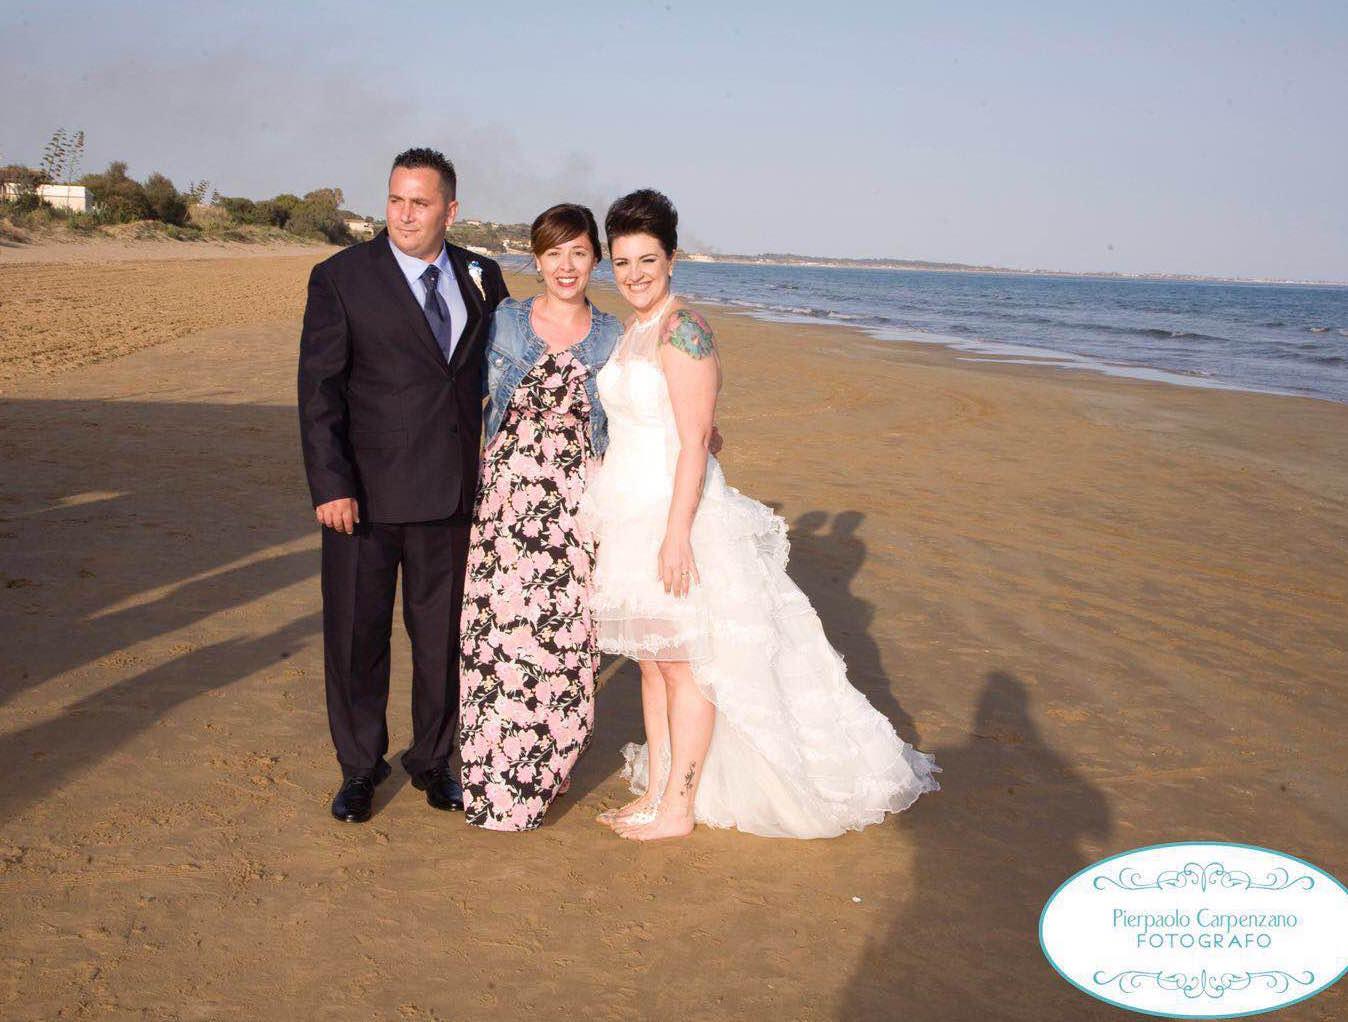 Matrimonio Spiaggia Malta : Matrimonio in spiaggia a pozzallo